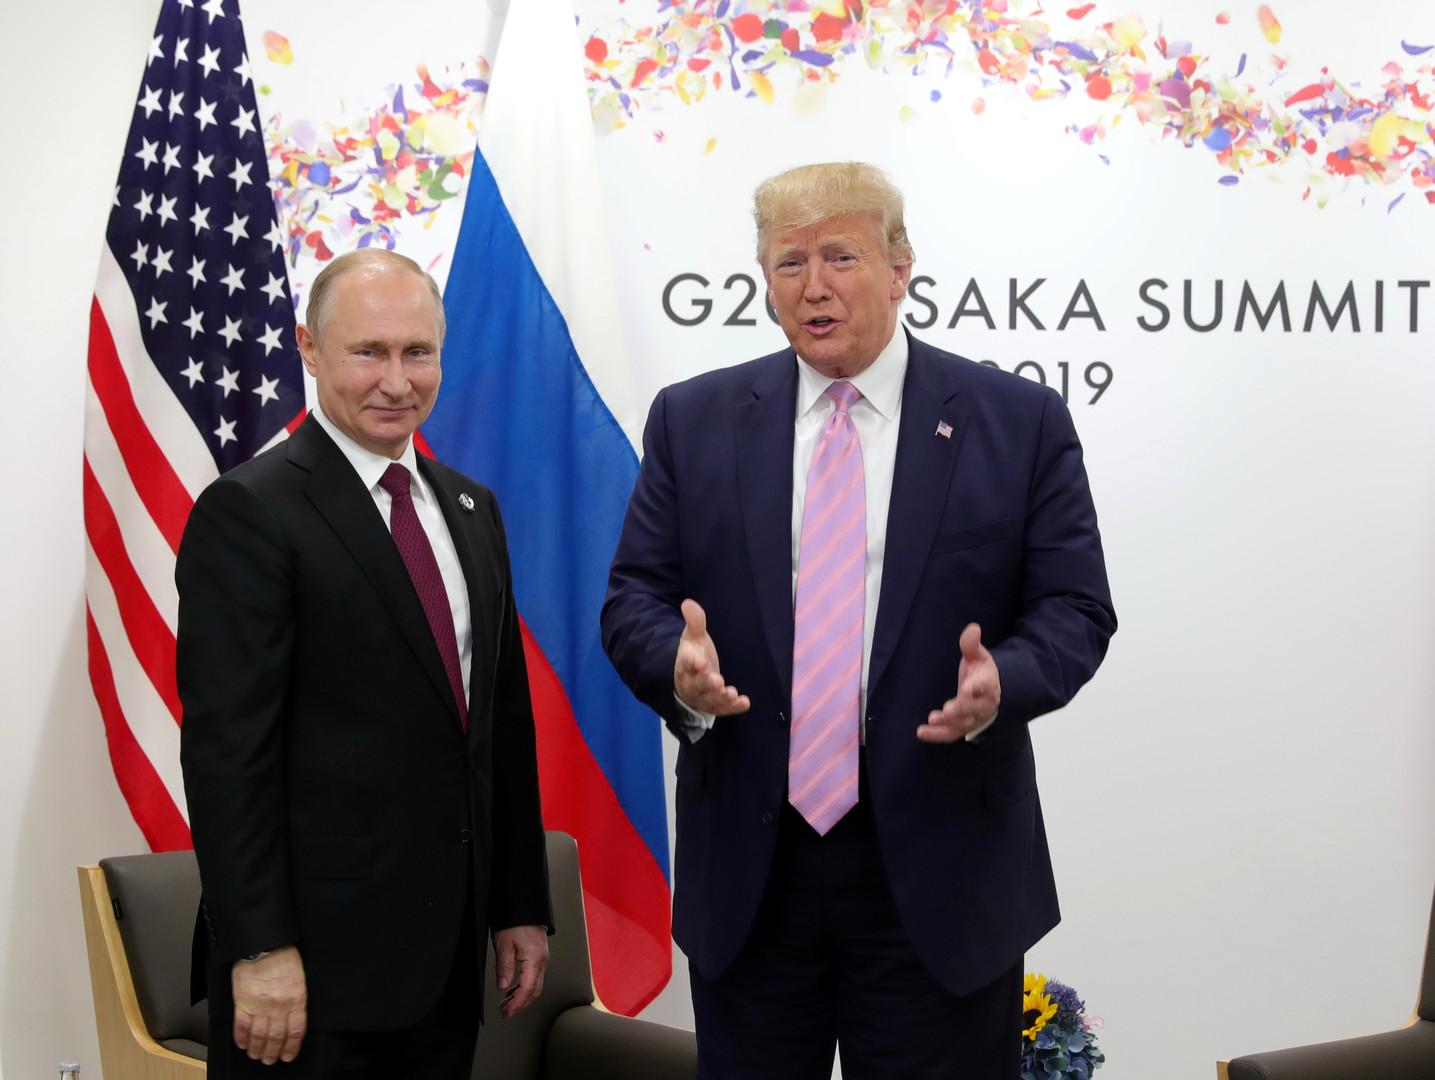 بوتين يدعو ترامب لزيارة روسيا خلال الاحتفالات بالذكرى الـ75 للانتصار على النازية